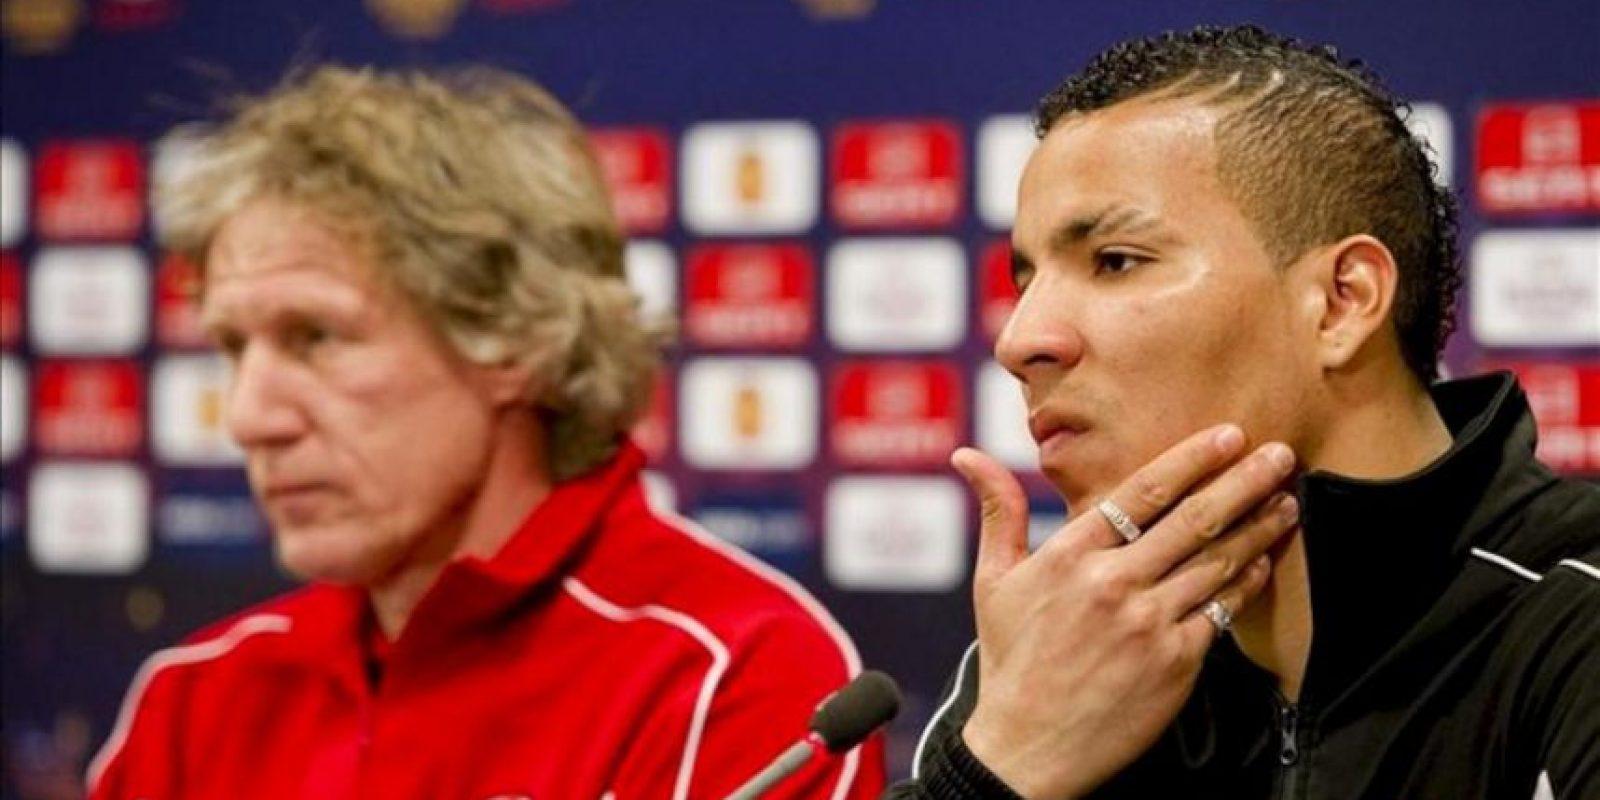 El entrenador holandés Gertjan Verbeek y el jugador costarricense Esteban Alvarado Brown en la rueda de prensa del AZ en Alkmaar, Holanda. El AZ se enfrenta el 29 de marzo al Valencia en el partido de ida de los cuartos de final de la Europa League. EFE